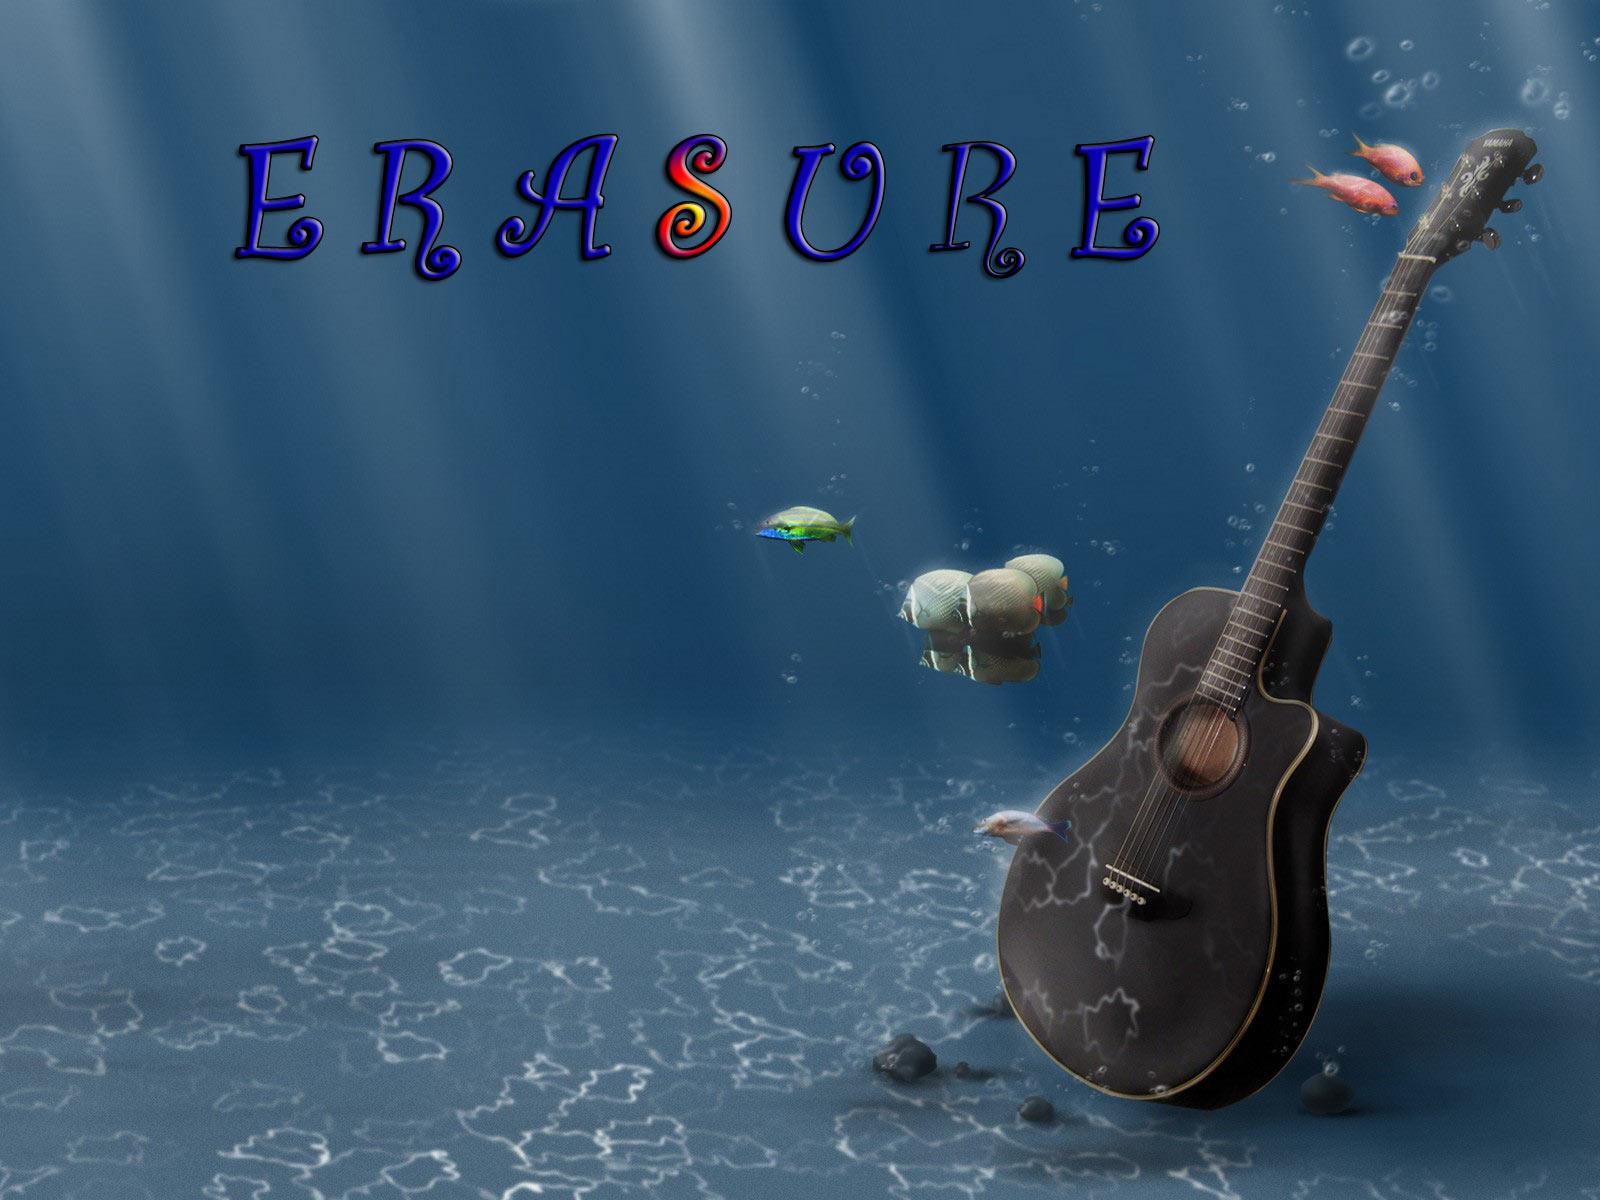 http://3.bp.blogspot.com/-dBmpSvMx6tQ/TjNTTUP3Q7I/AAAAAAAAAgY/1ur5L5lZDig/s1600/Erasure.jpg